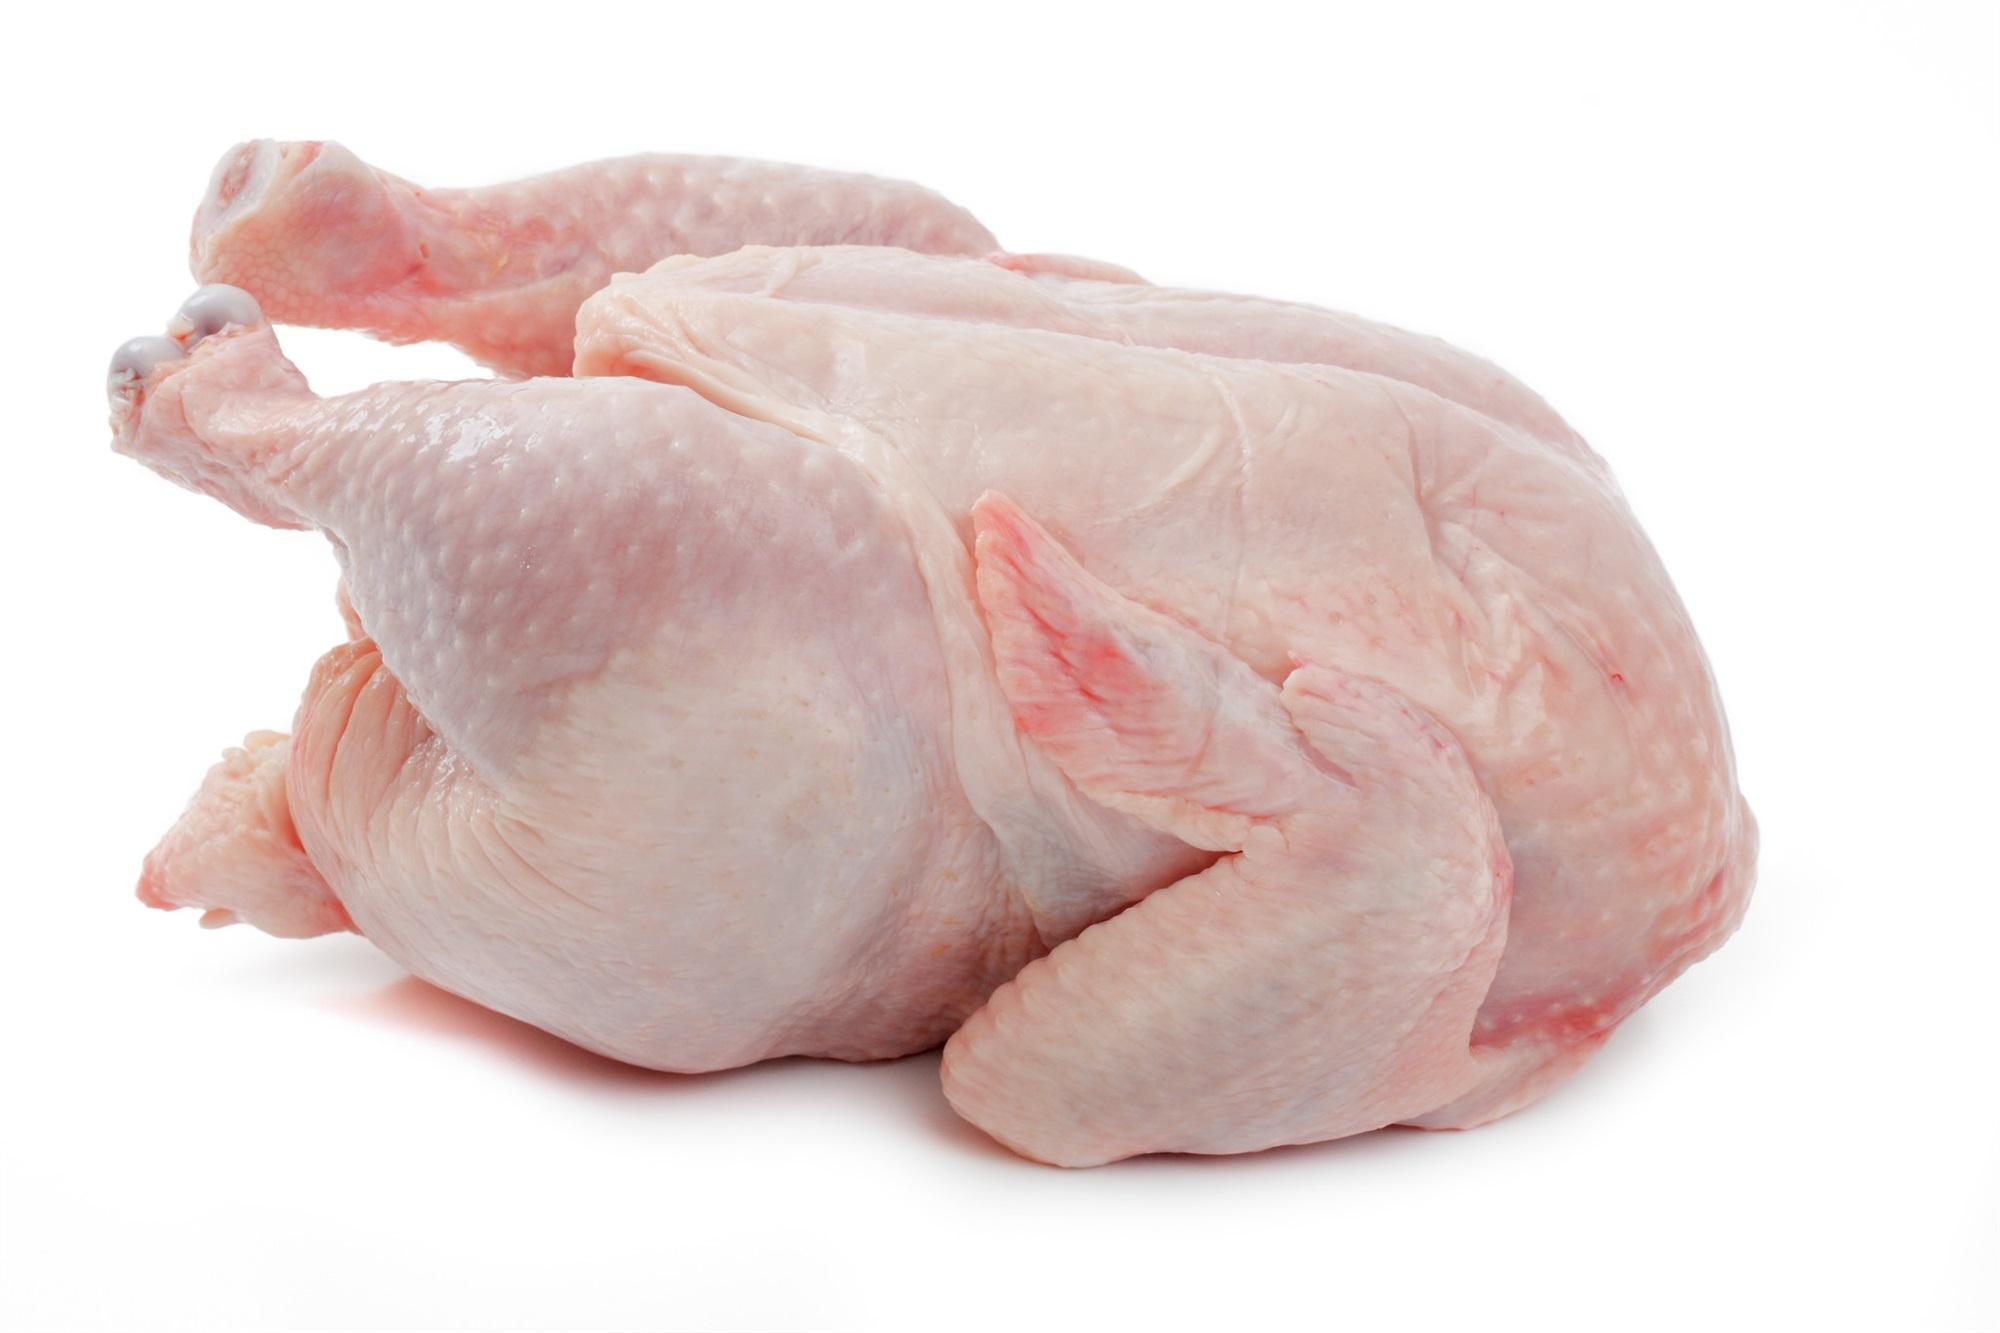 التموين تعلن أسعار اللحوم والدواجن وتخفيضات تصل إلى 20% على السلع الغذائية 1